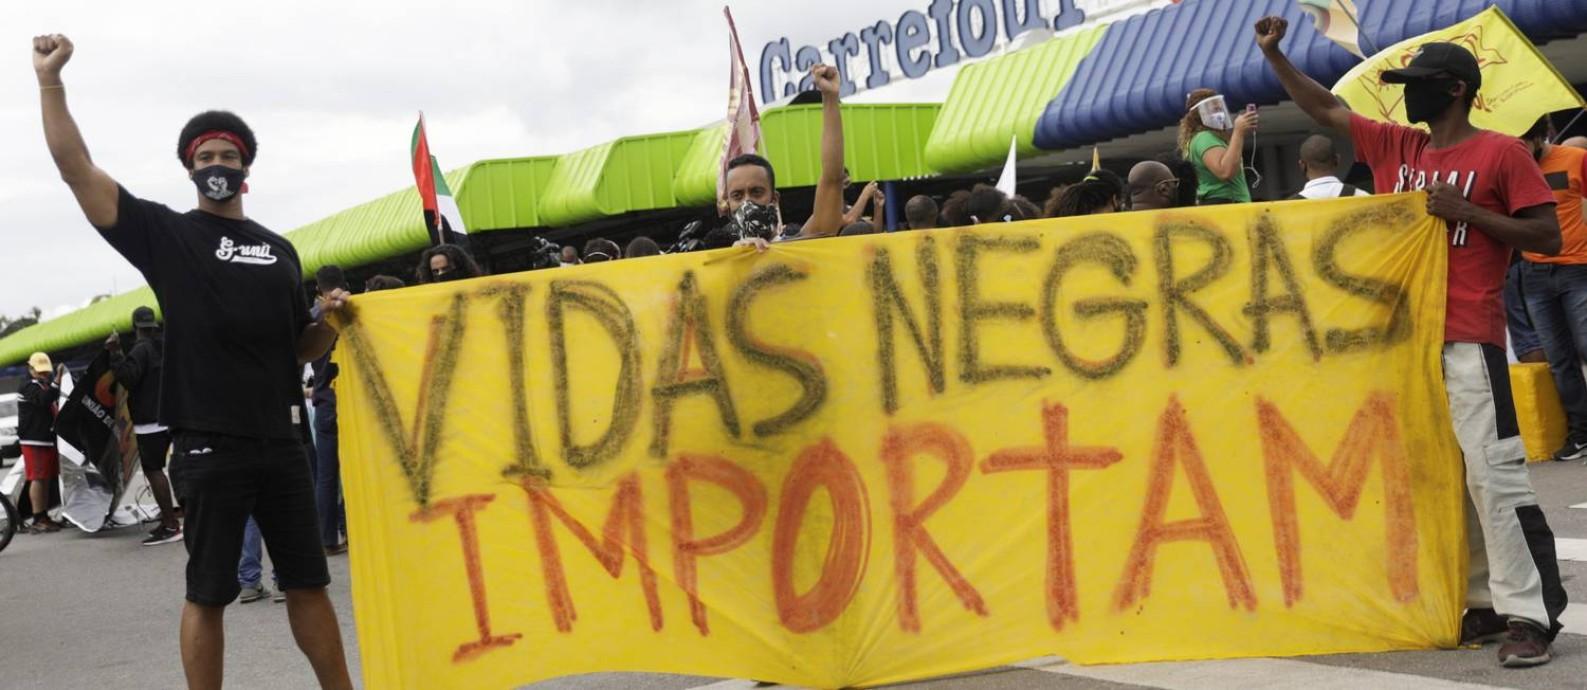 Manifestantes em frente à loja do Carrefour em que João Alberto foi morto por seguranças: ações de combate ao racismo são tratadas de forma genérica por candidatos da principais capitais Foto: Foto: Ricardo Moraes/Reuters